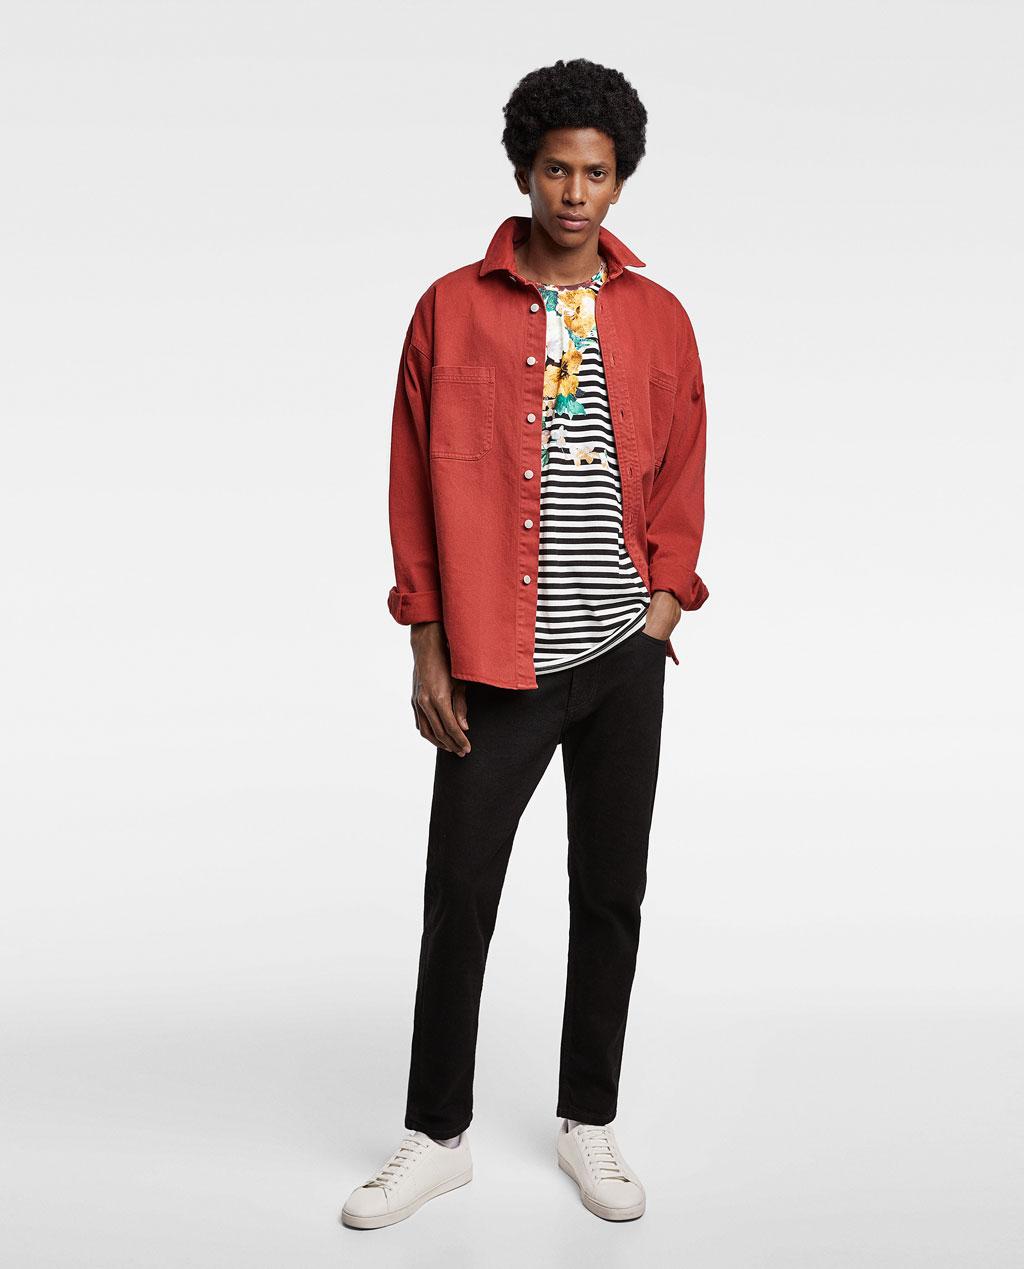 Thời trang nam Zara  24080 - ảnh 3